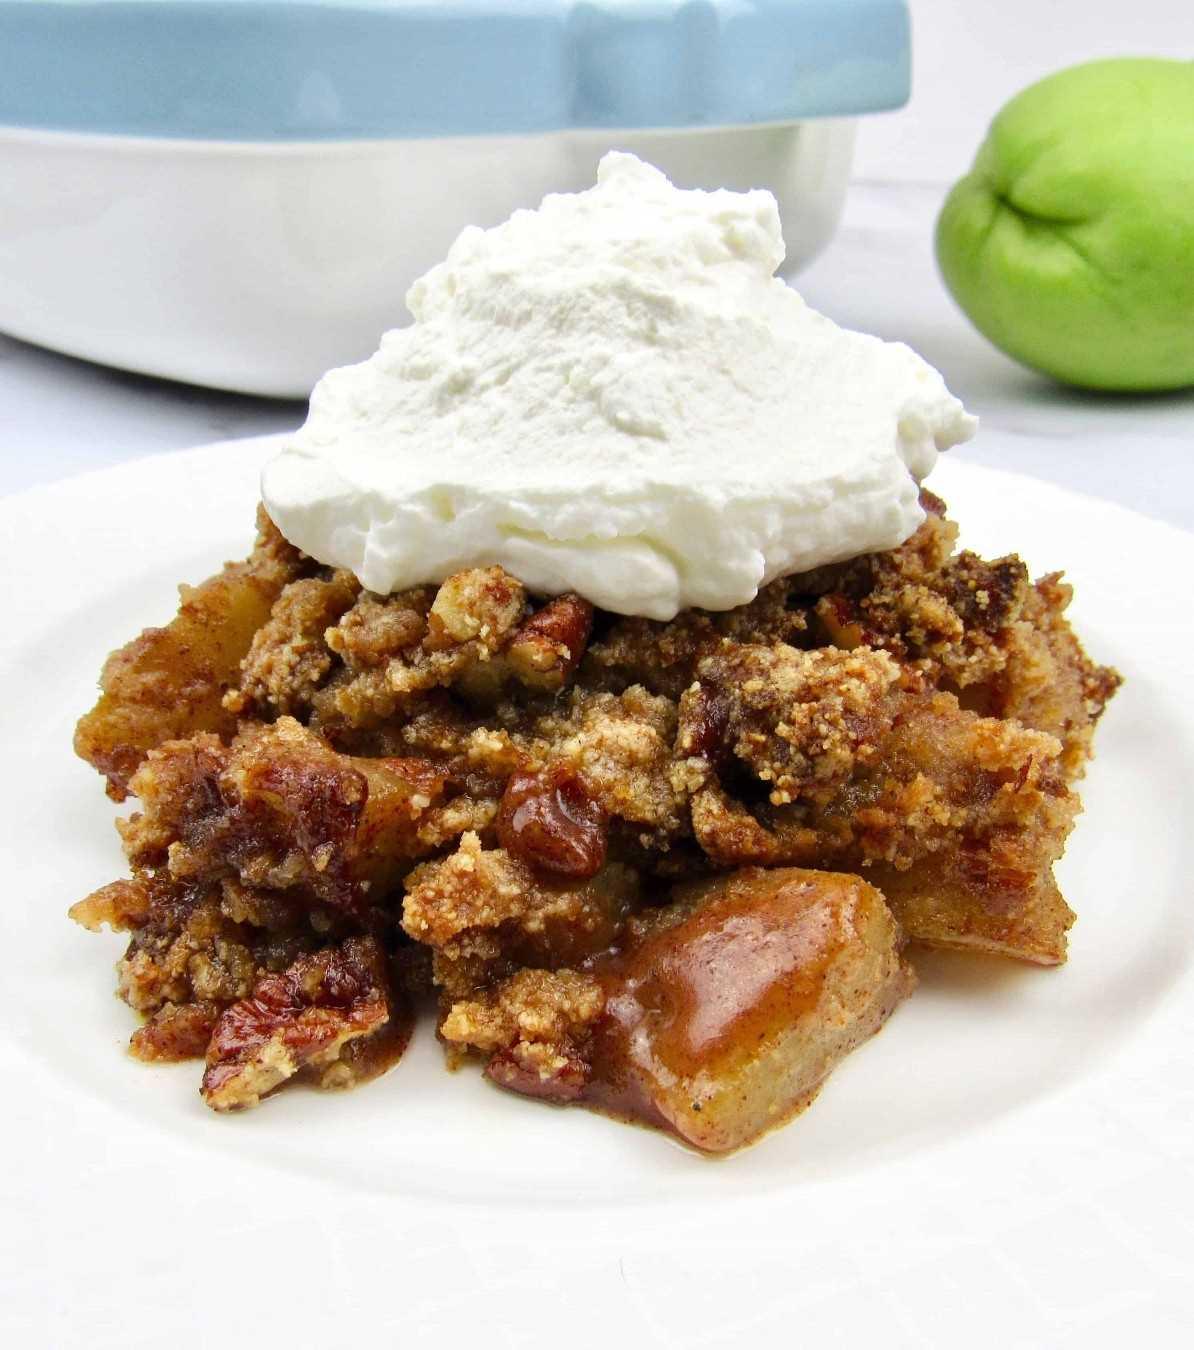 Primer plano de crumble de manzana simulada en un plato blanco con crema batida en la parte superior